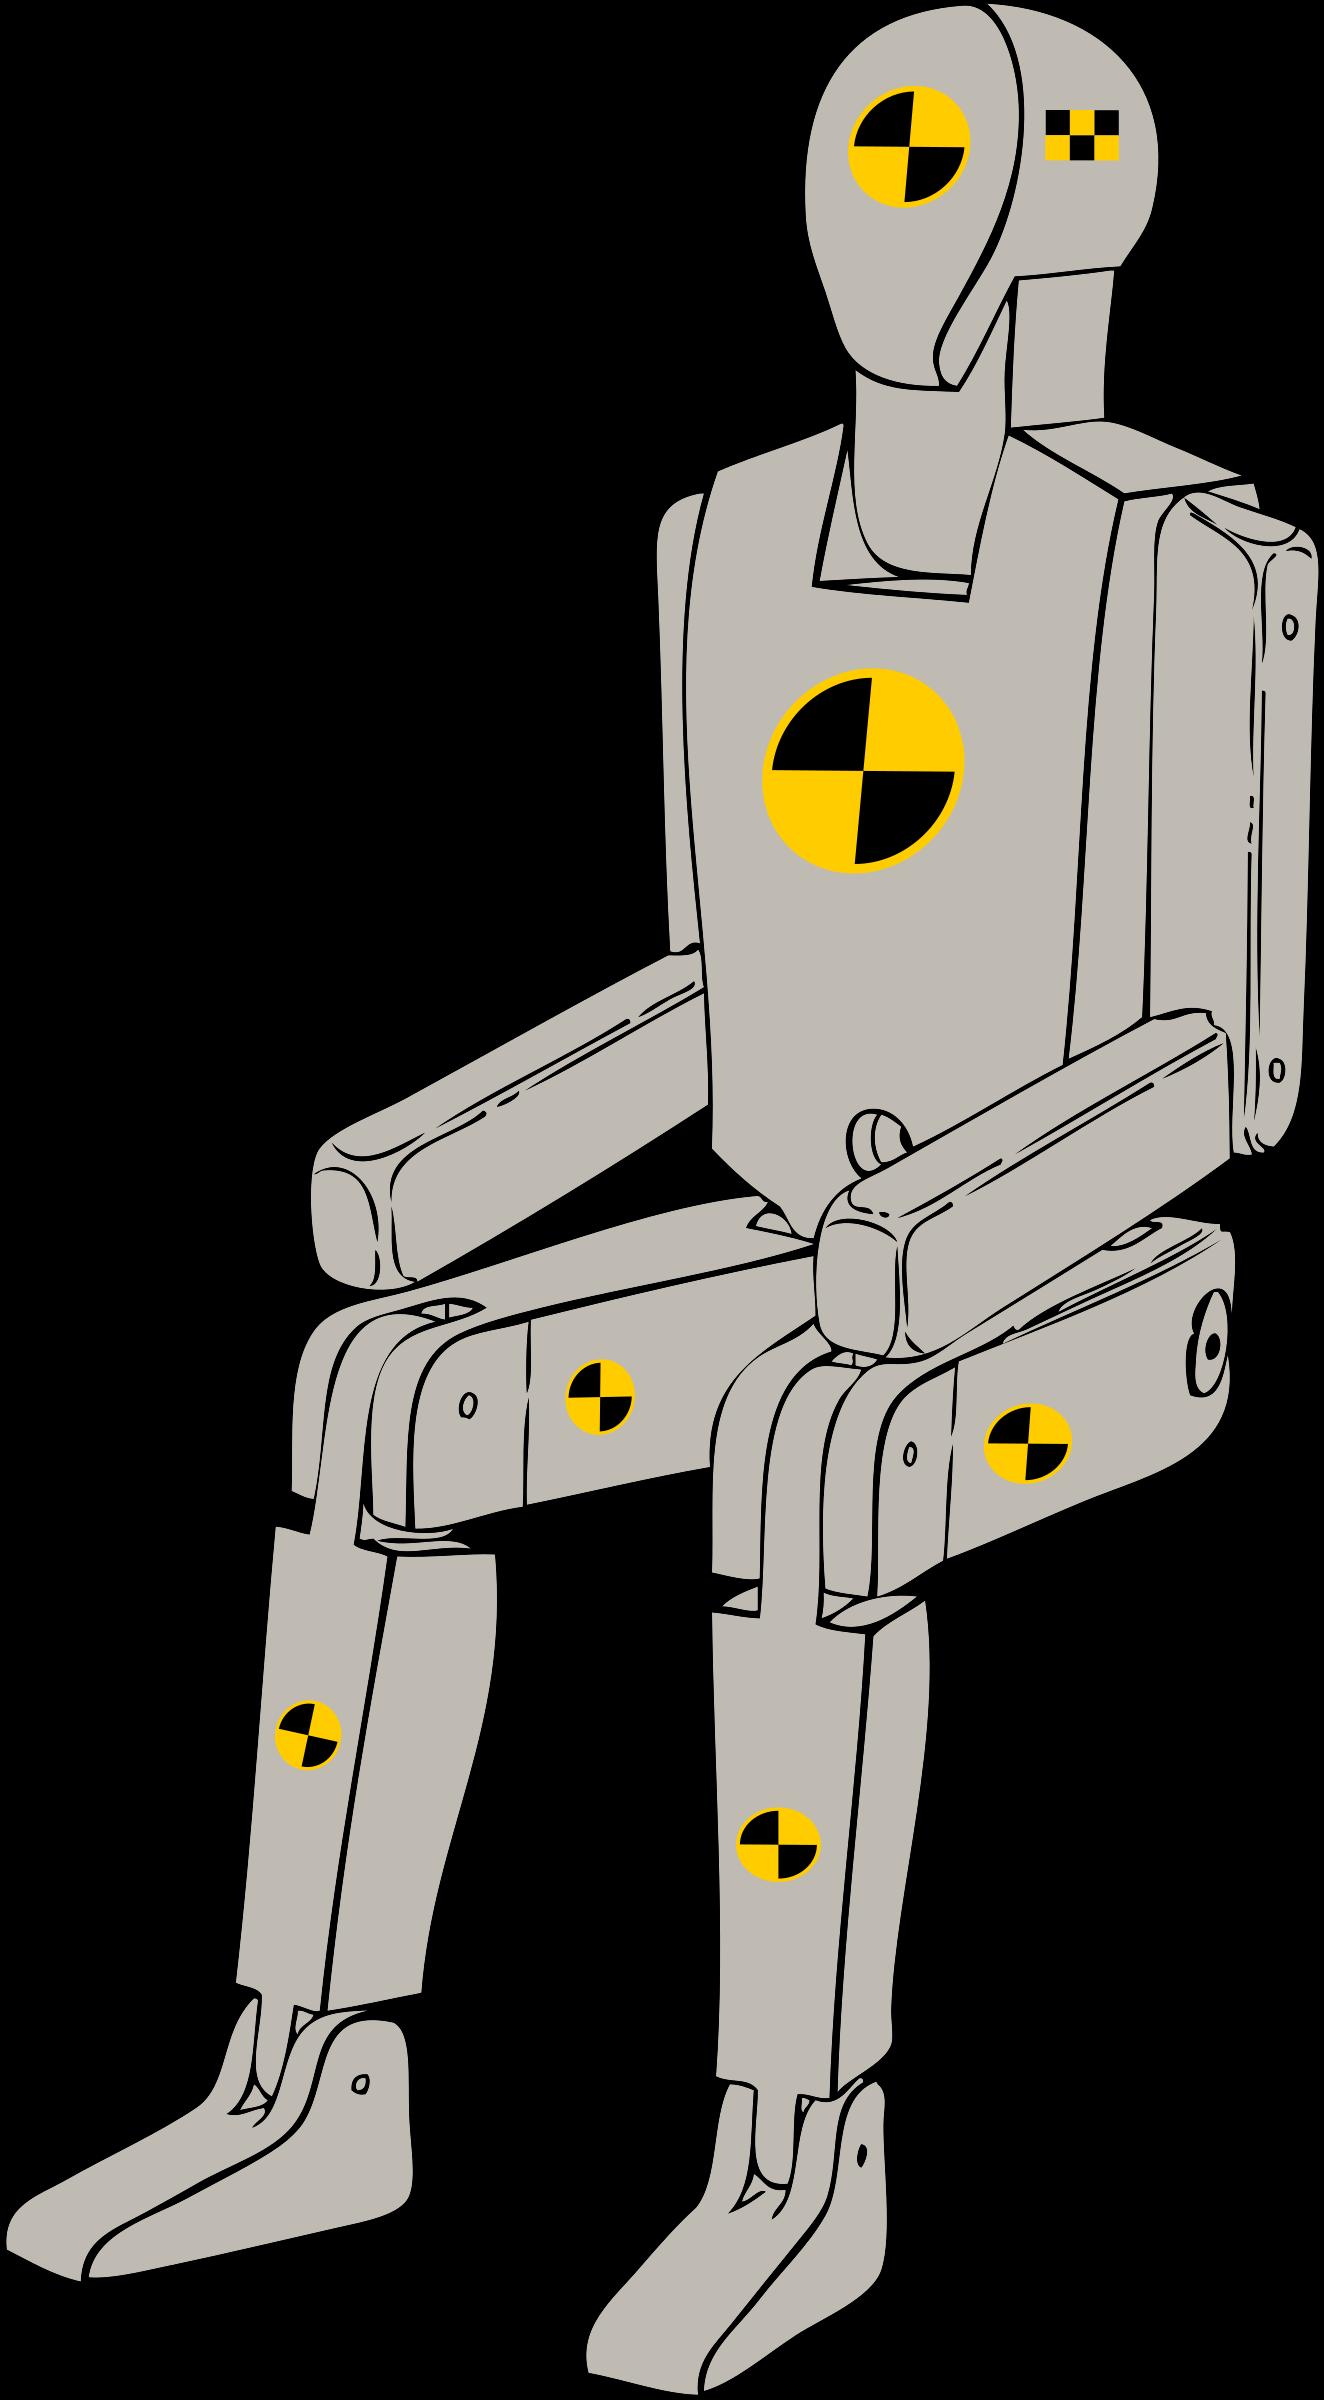 Test clipart svg. Crash dummy big image